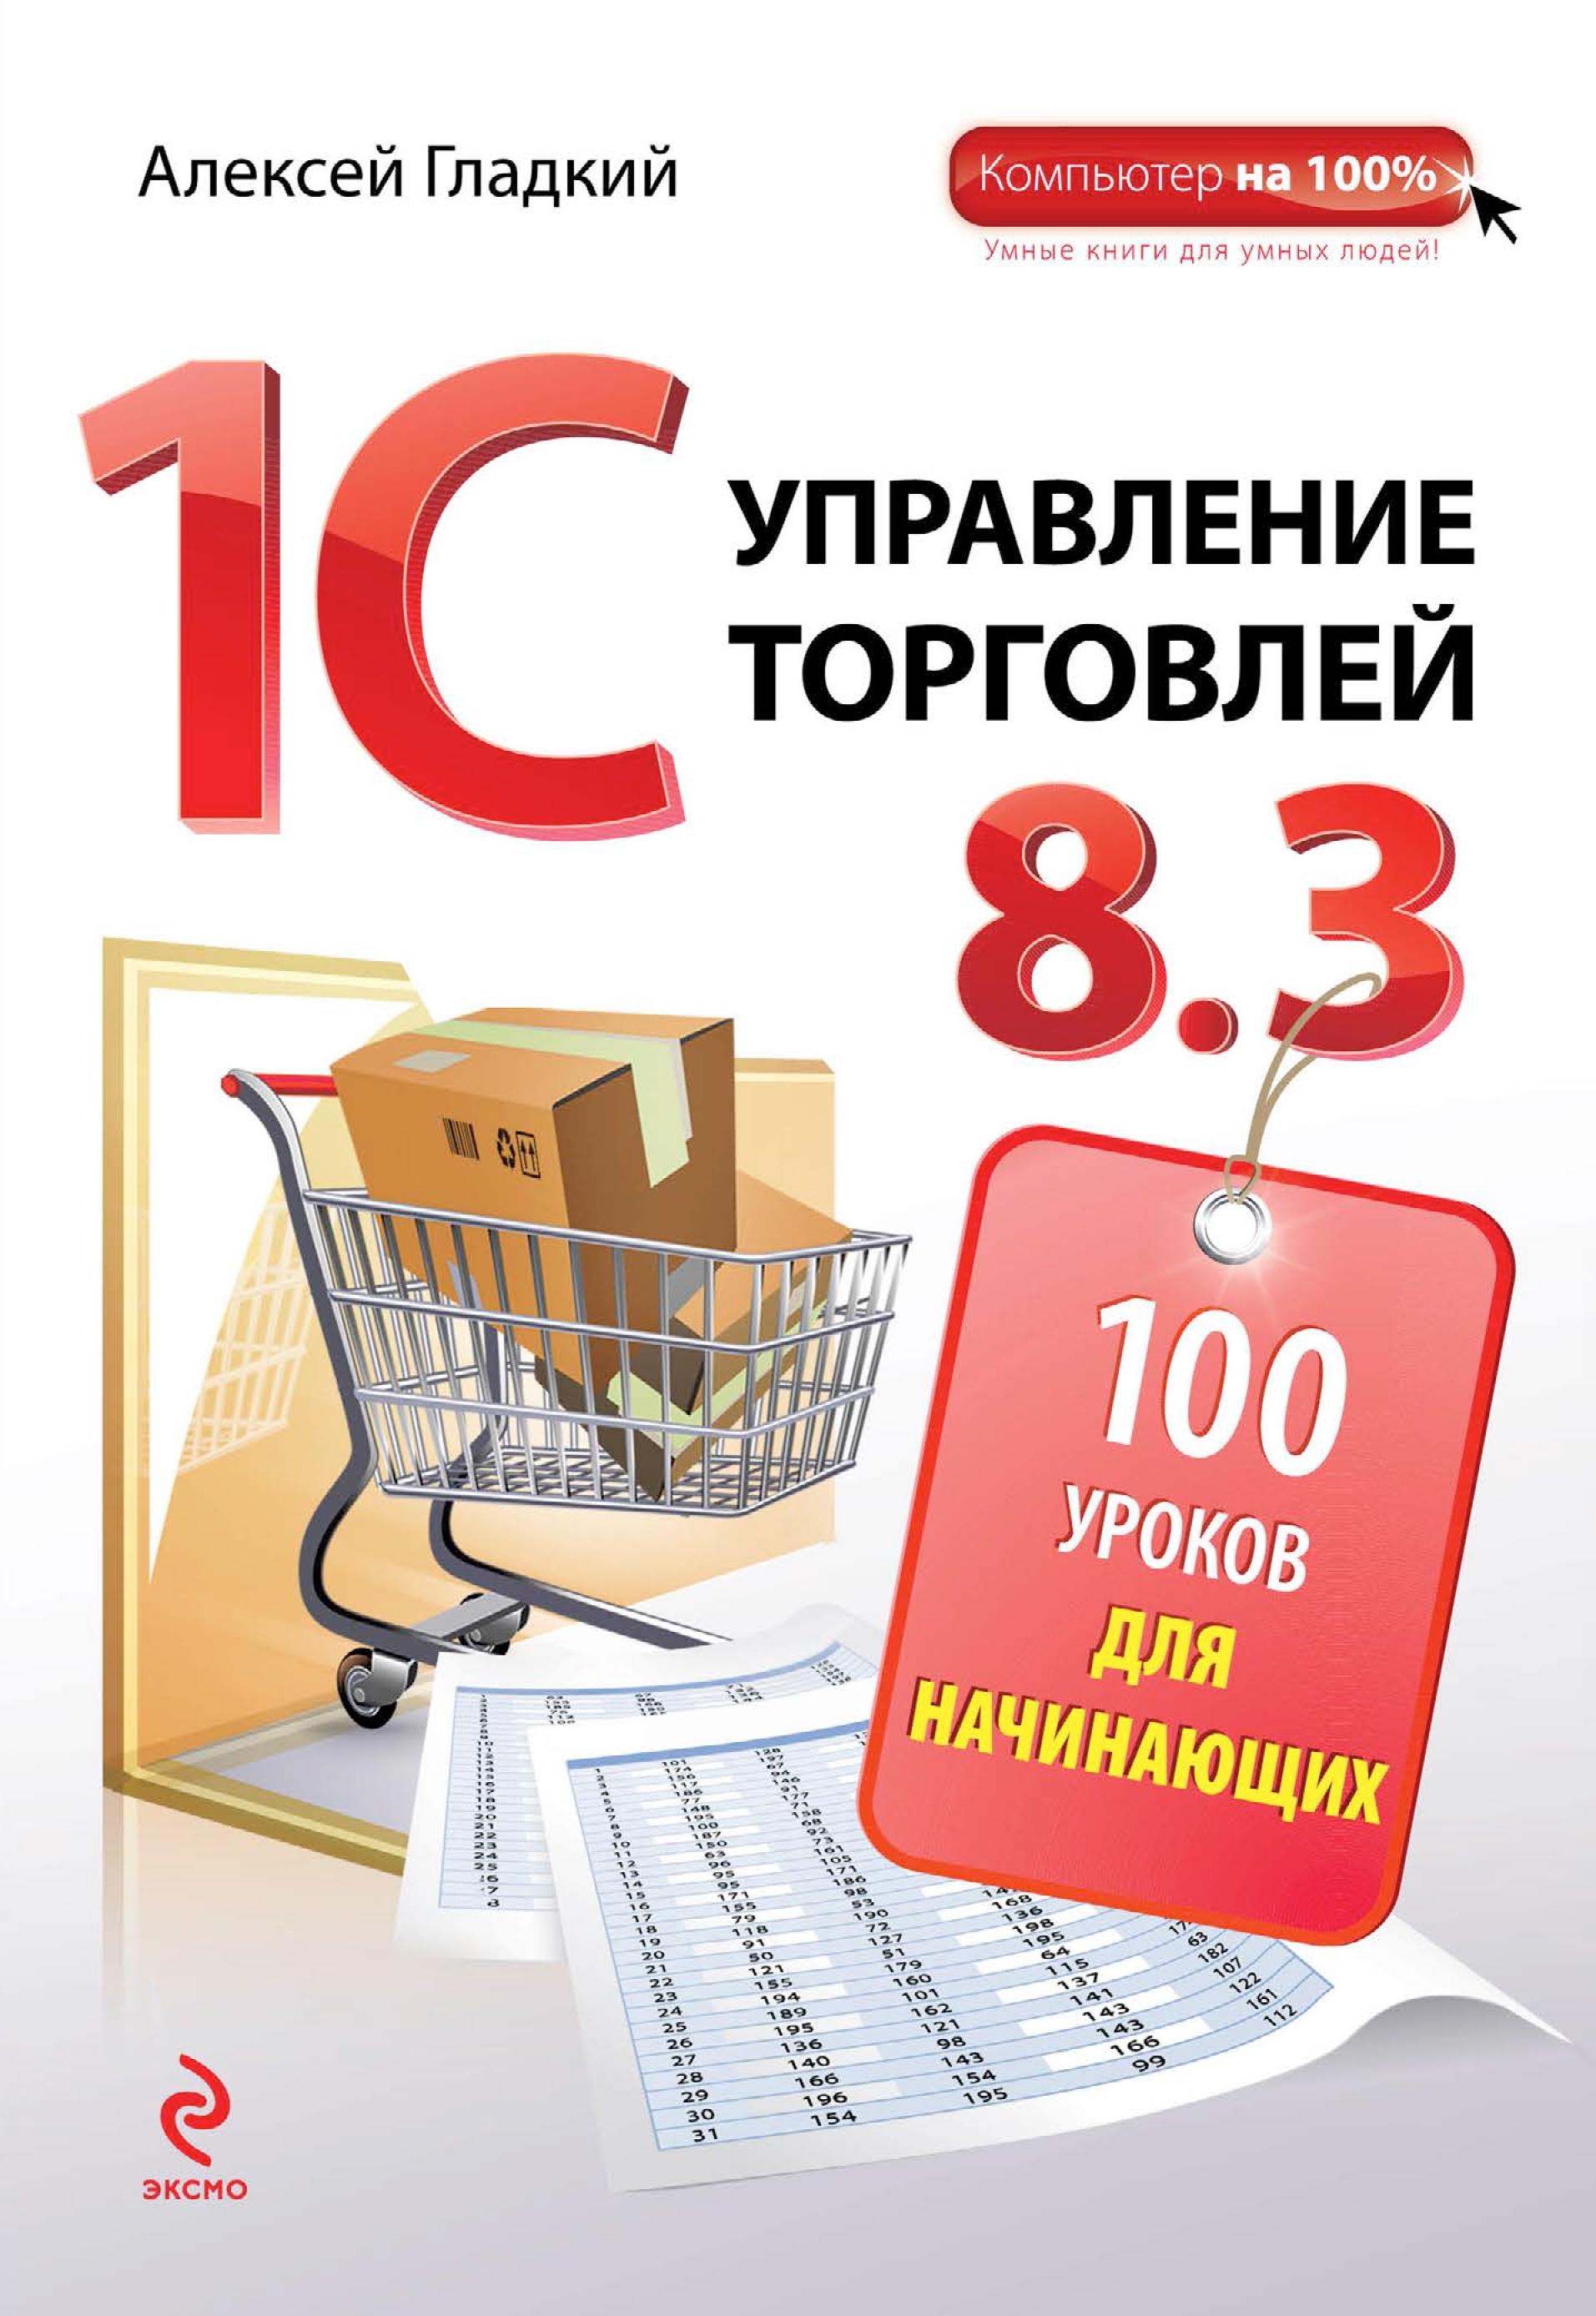 Алексей Гладкий 1С. Управление торговлей 8.3. 100 уроков для начинающих